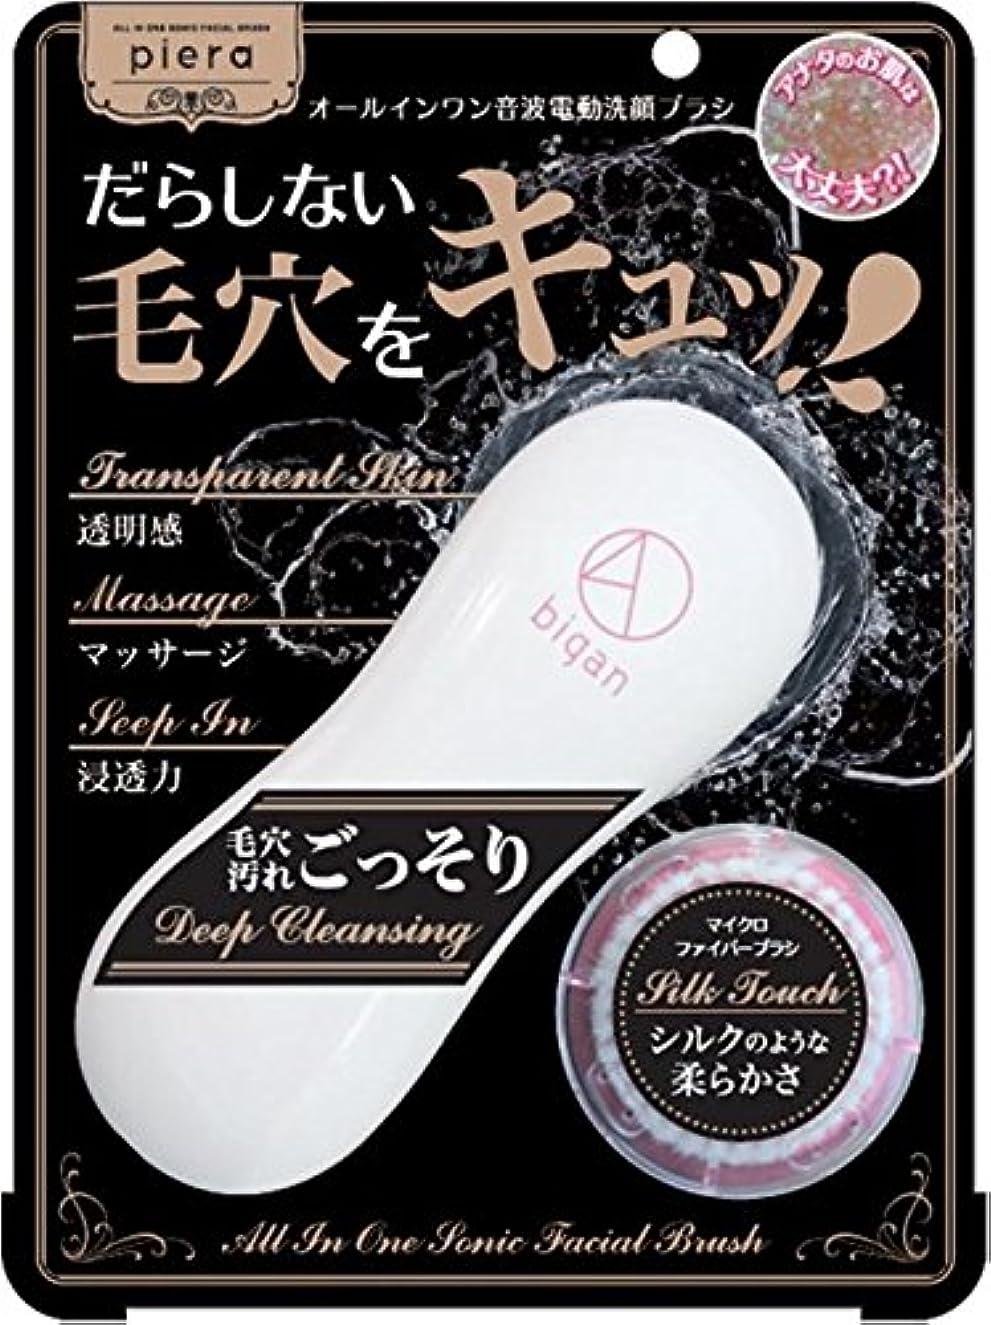 頑張る消毒剤クライストチャーチイシザワ ピエラ 電動洗顔ブラシ4D bigan 1個